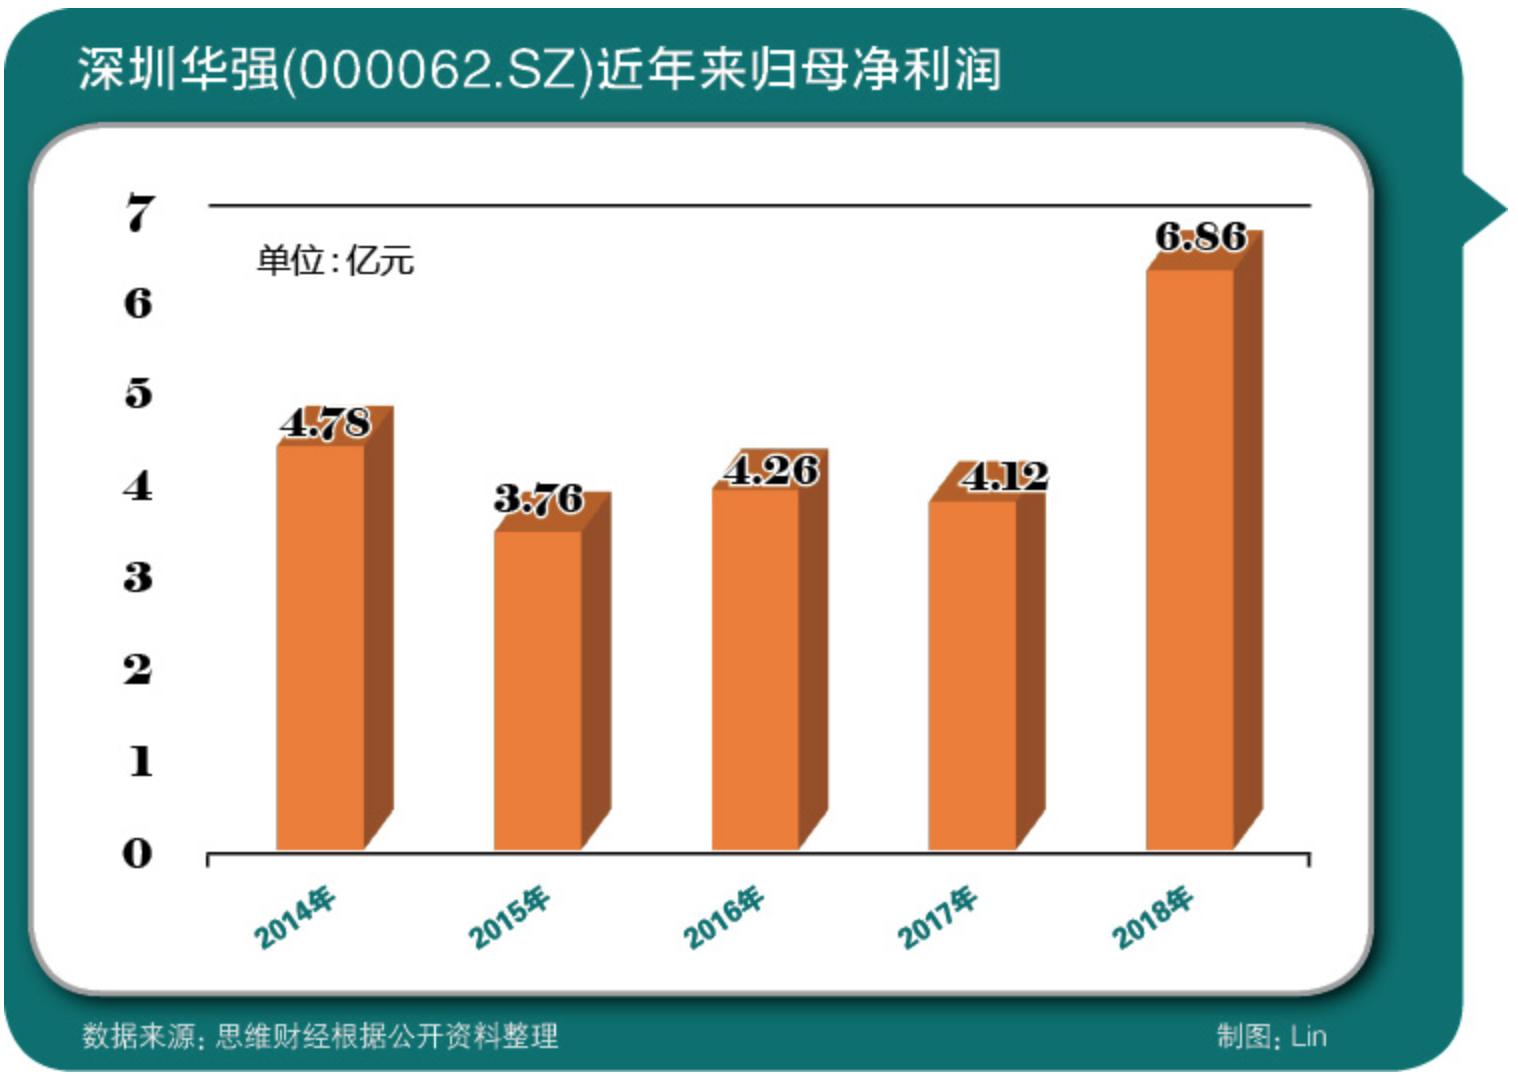 收购深蕾科技遇挫终止 深圳华强拓展5G商机受何影响